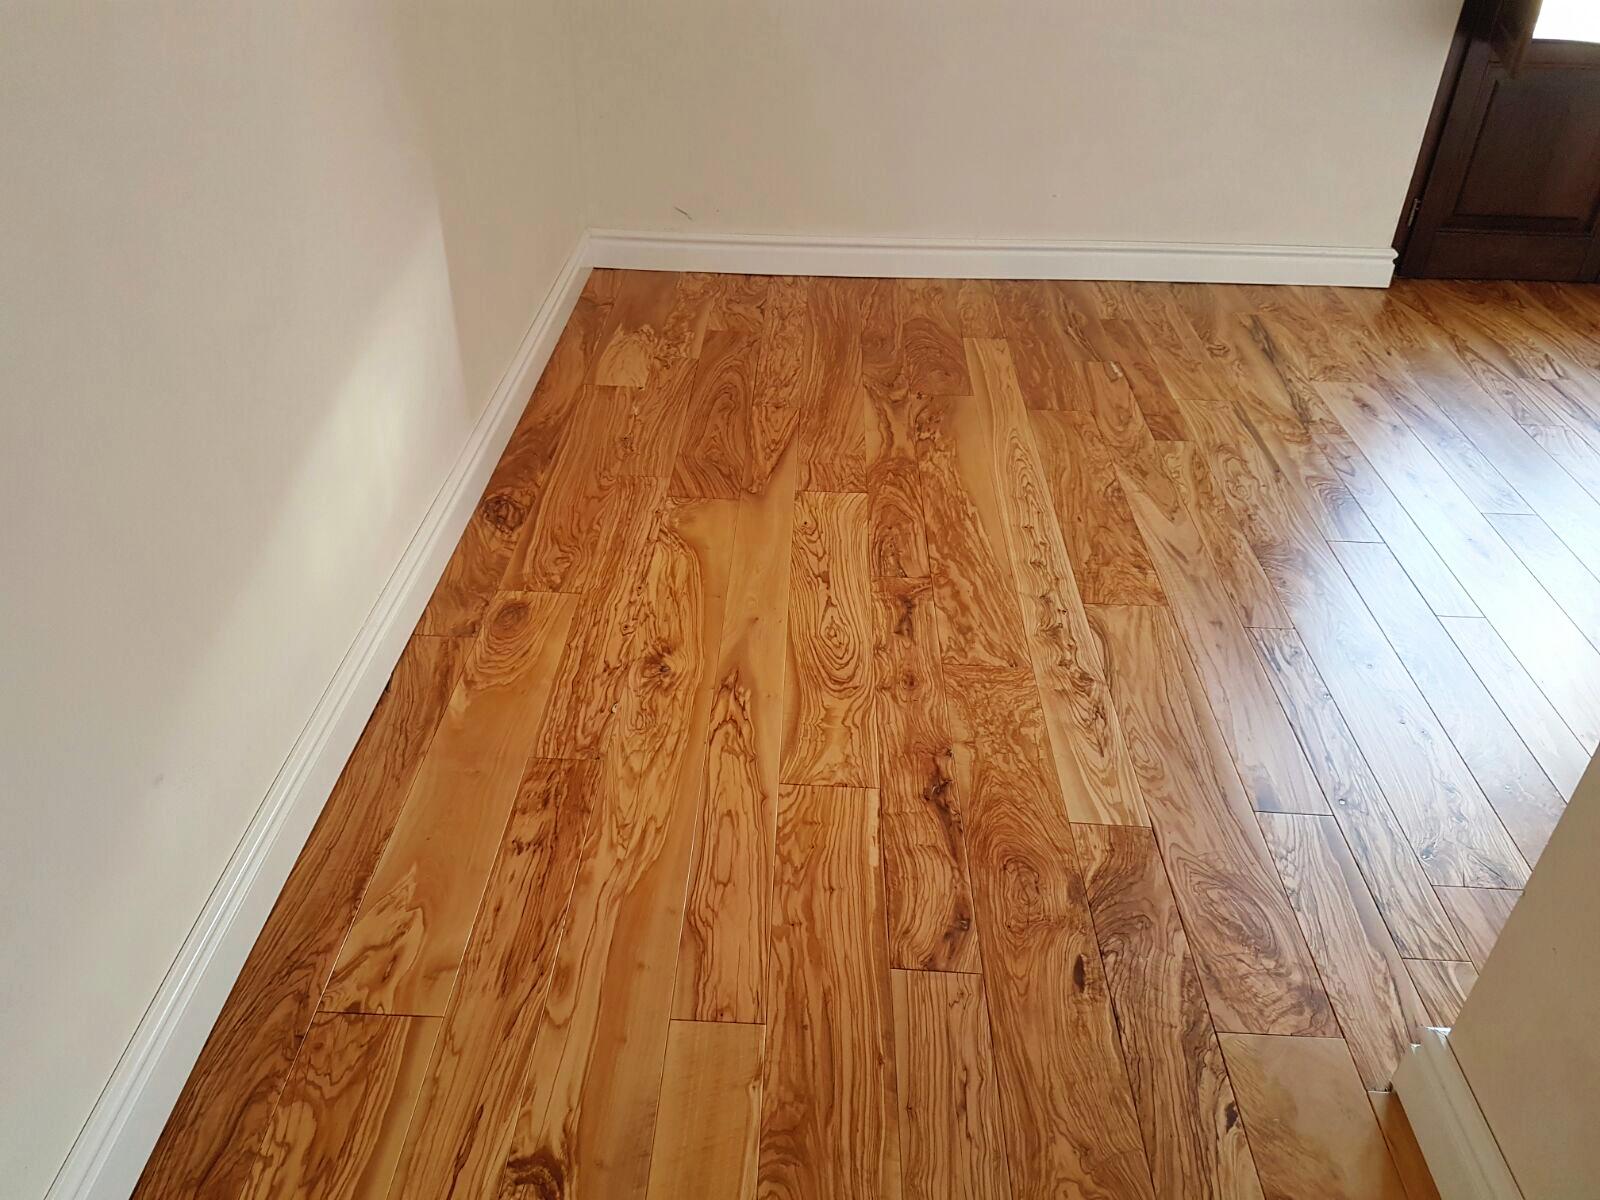 Colocar suelo de madera latest cmo instalar un piso - Colocar suelo laminado ...